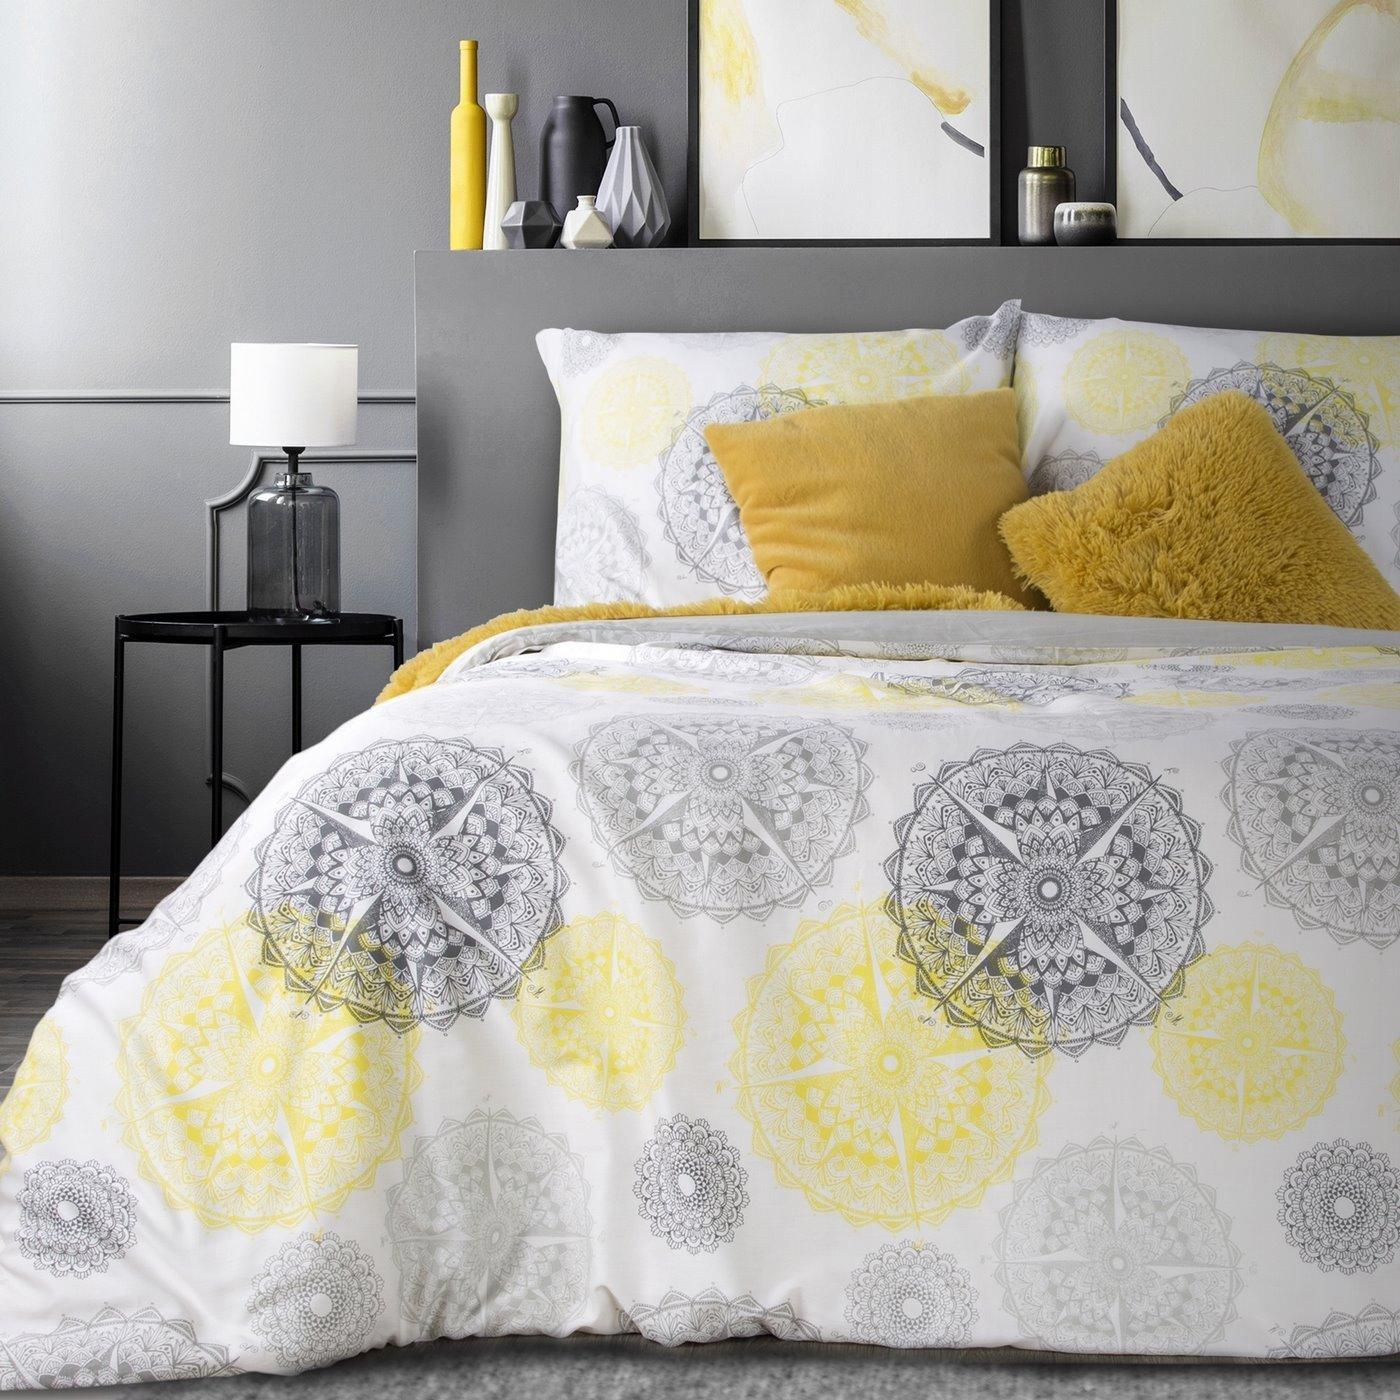 Komplet pościeli z satyny bawełnianej 160x200 cm, 2 szt. 70x80 cm nadruk szaro-żółte mandale